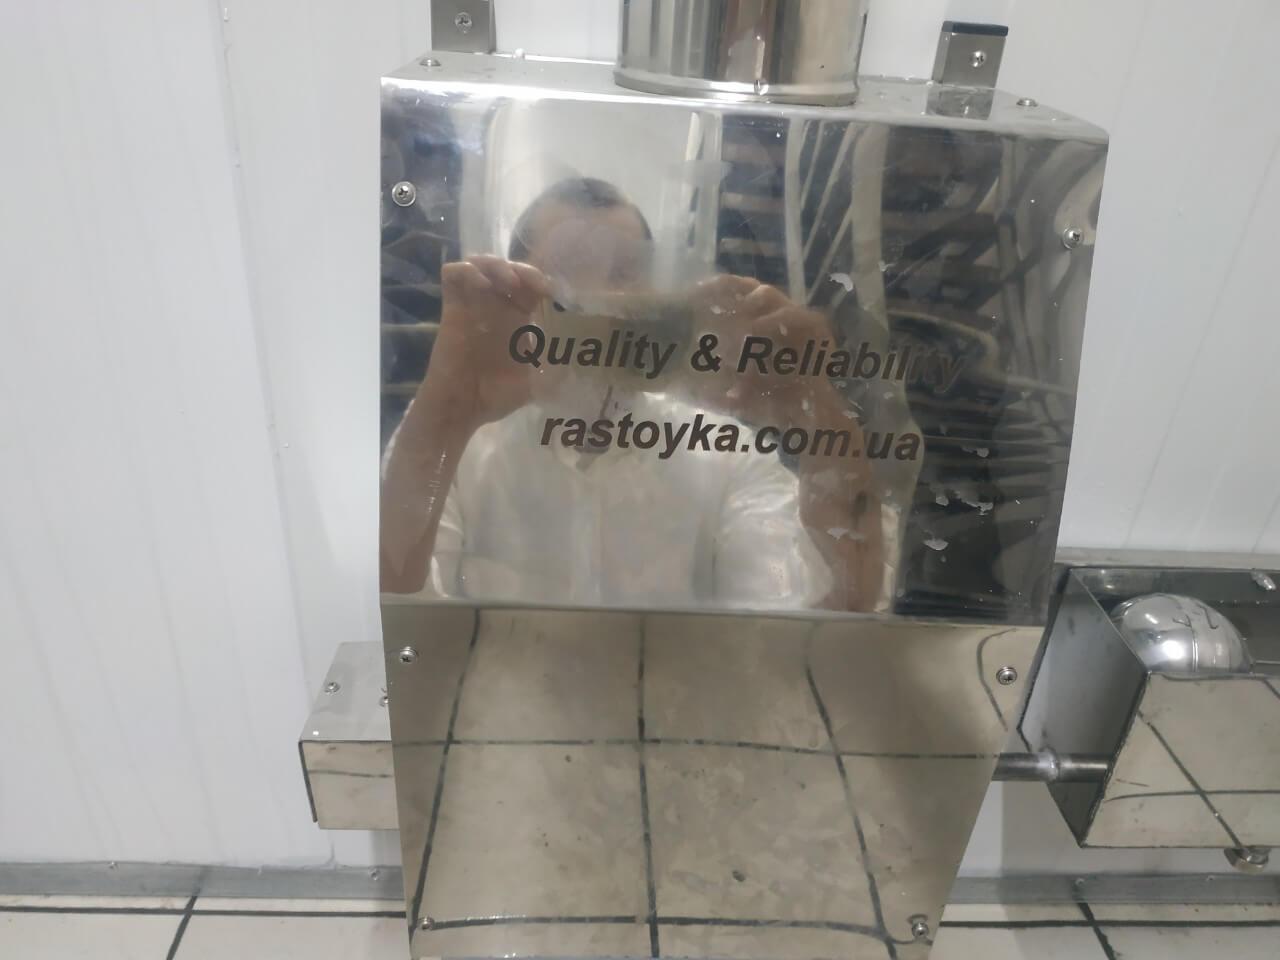 Quality&Reliability